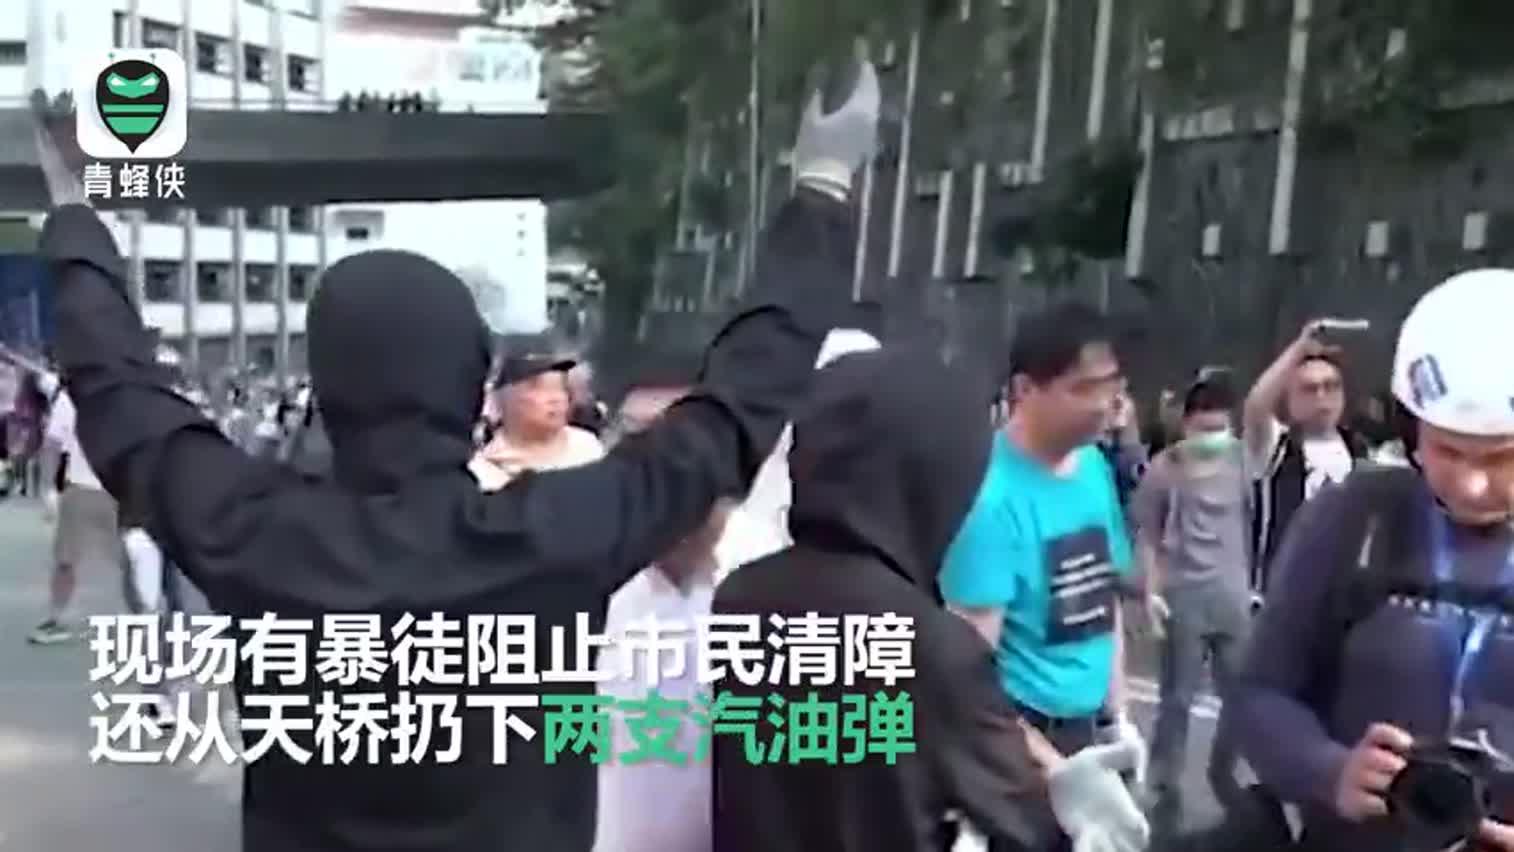 视频-人性何在?不满市民清理路障 暴徒竟两度向市